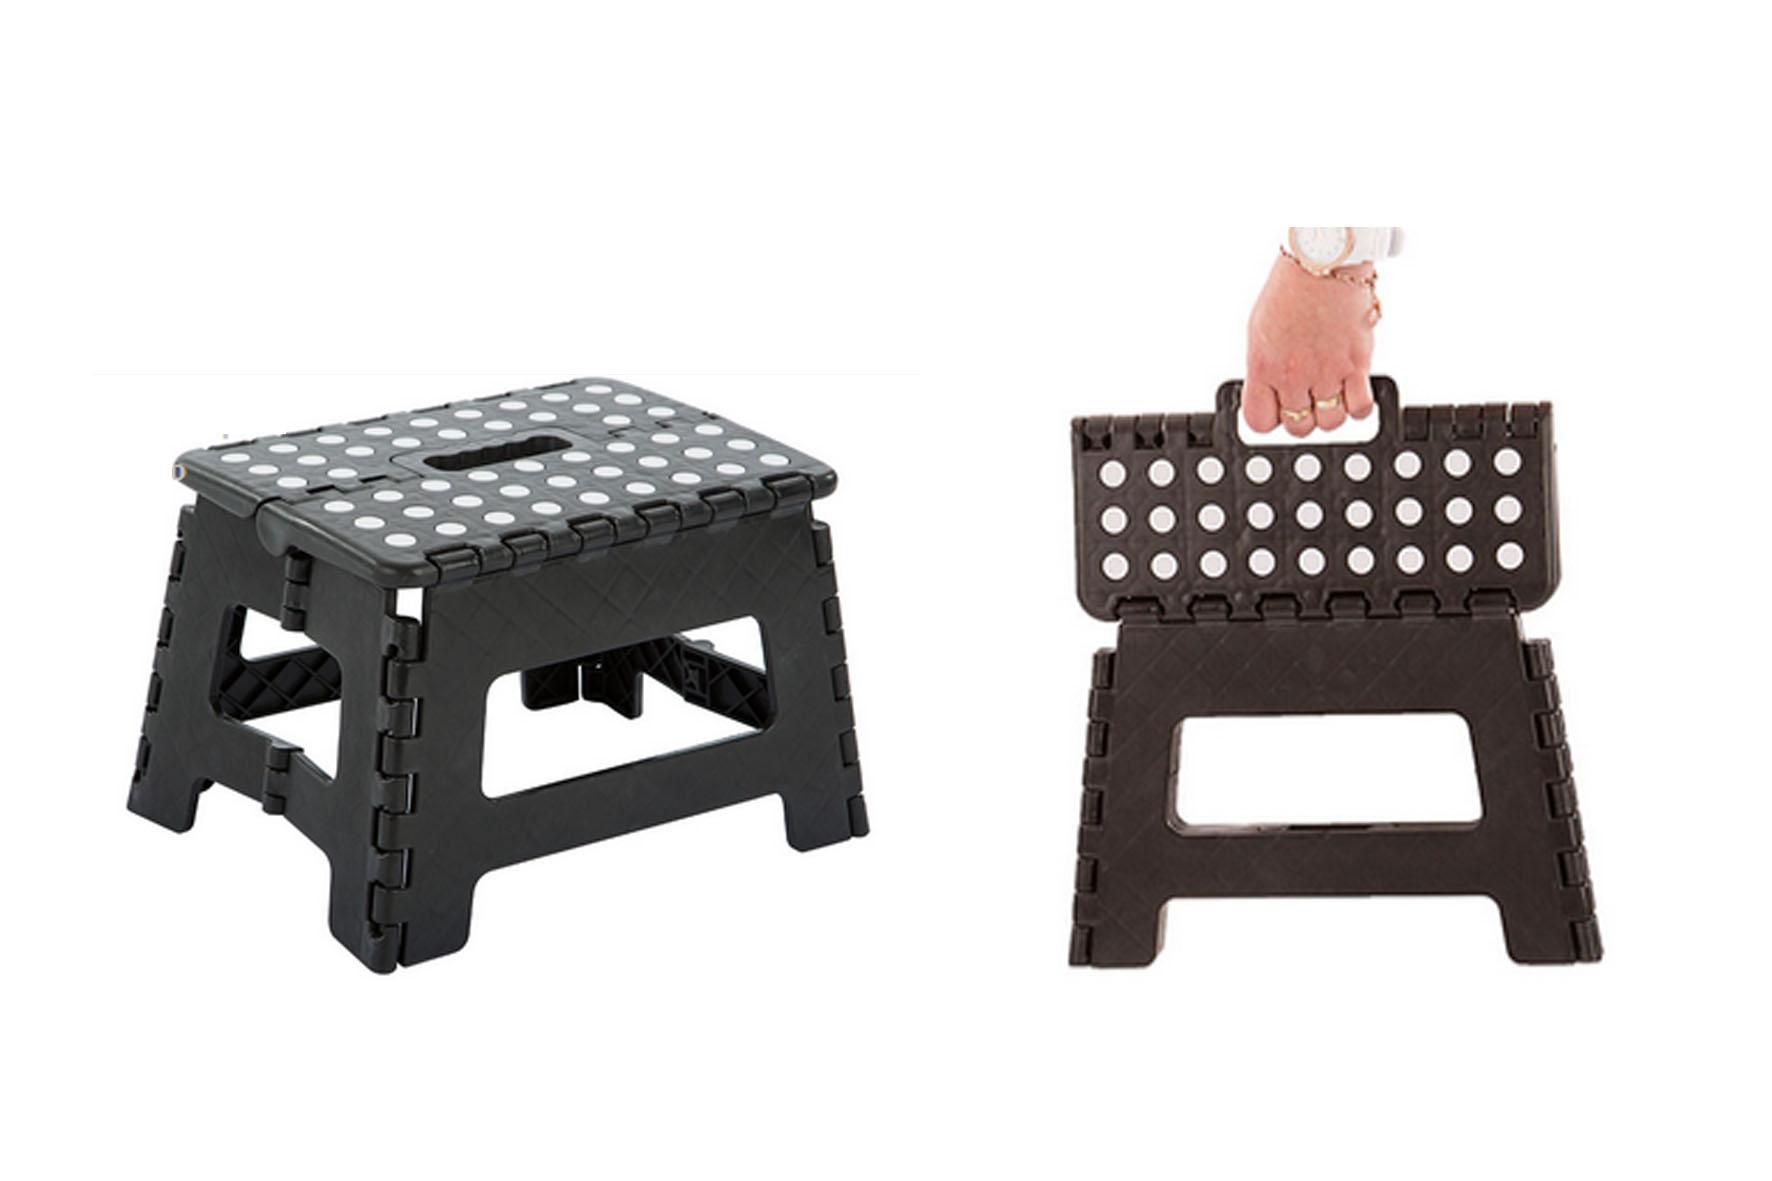 marche pied pliable pvc uppy achat en ligne ou dans notre. Black Bedroom Furniture Sets. Home Design Ideas